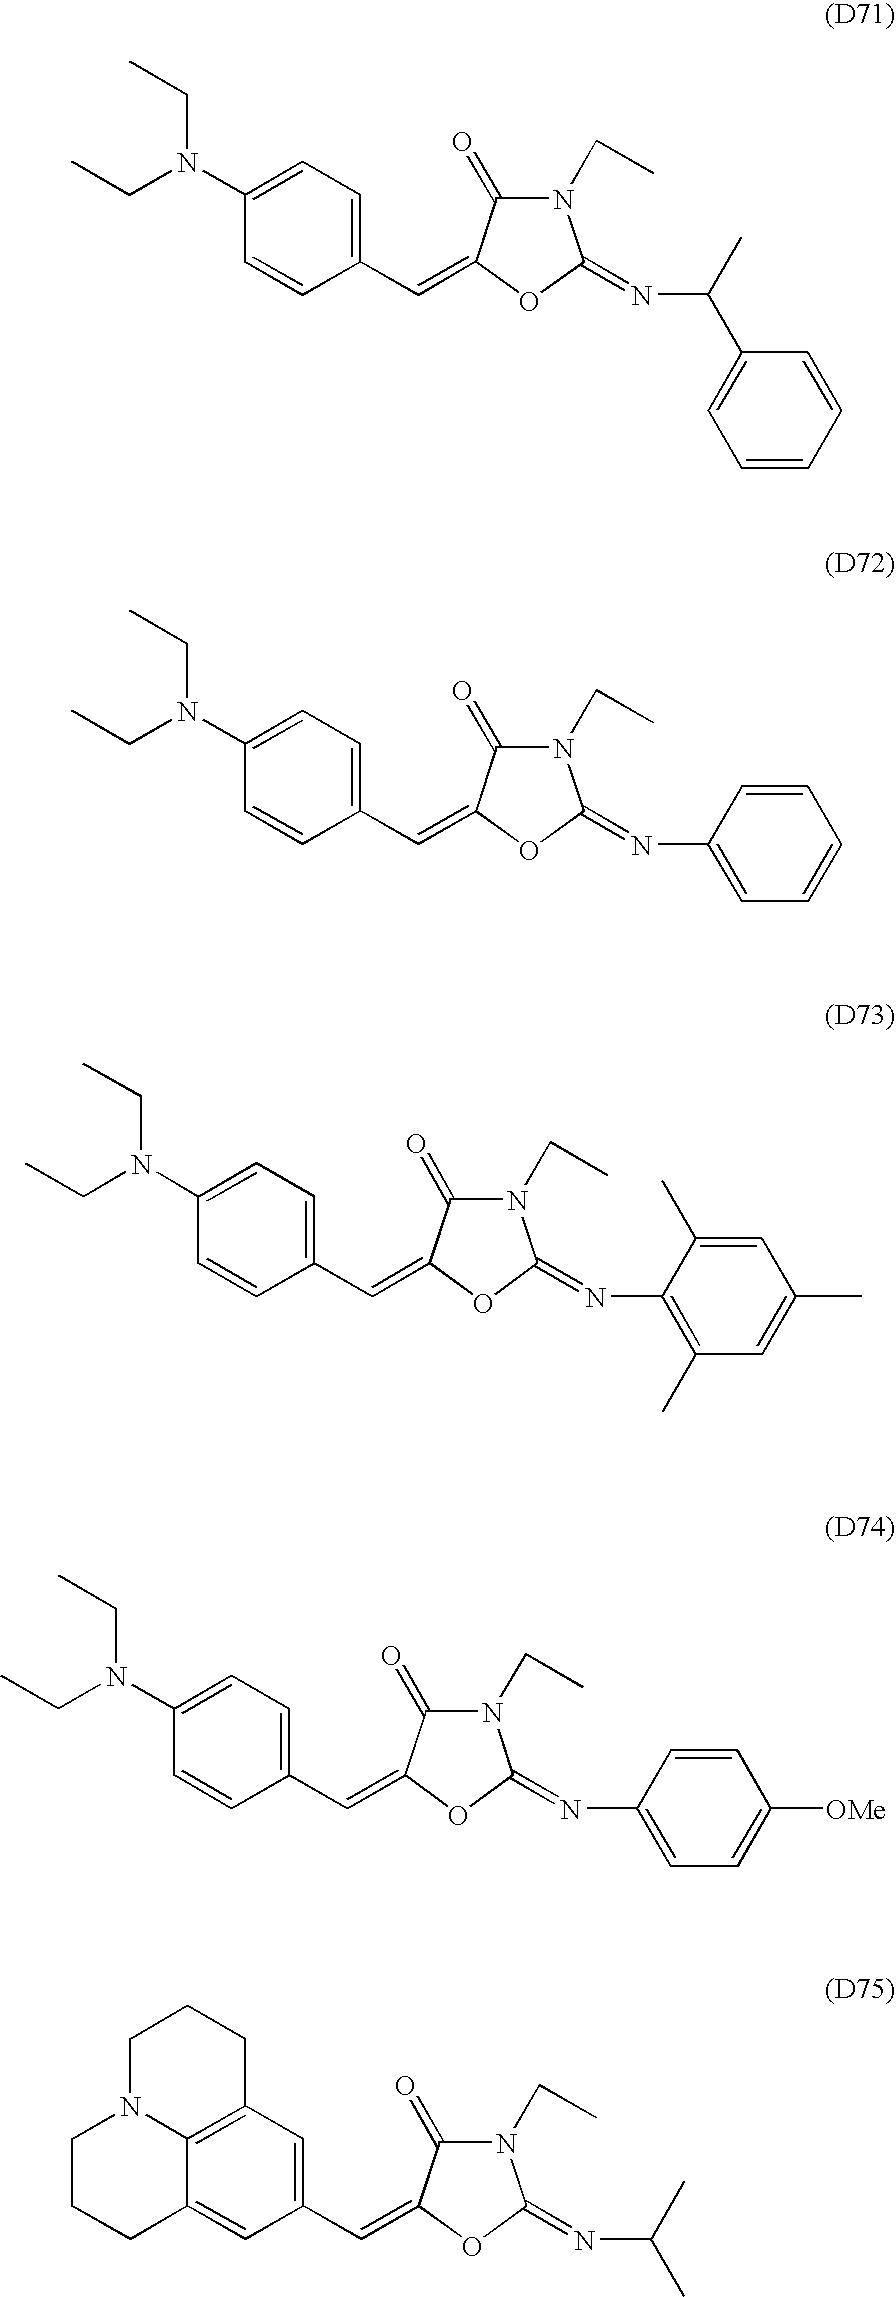 Figure US20070212641A1-20070913-C00018